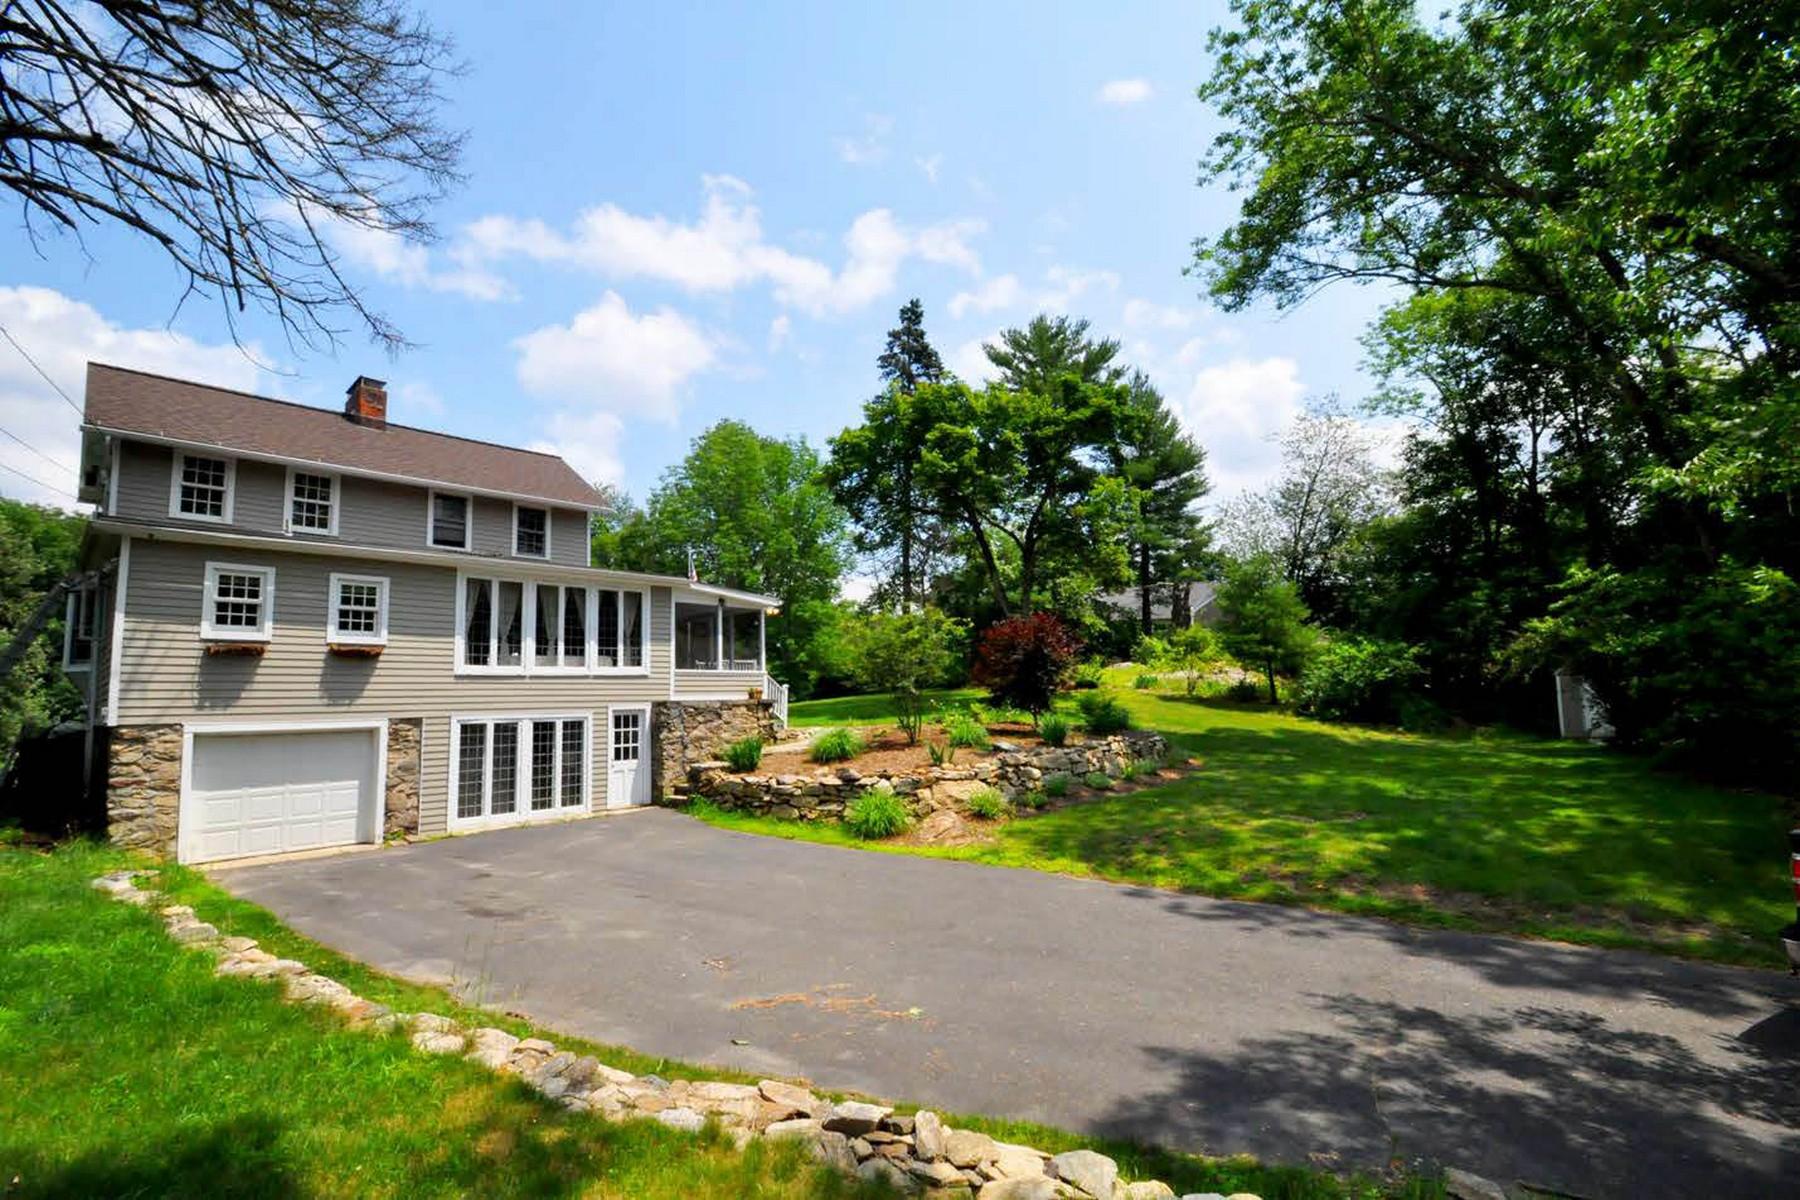 Частный односемейный дом для того Продажа на Charming Farmhouse Colonial 78 Black Rock Turnpike Redding, Коннектикут 06896 Соединенные Штаты